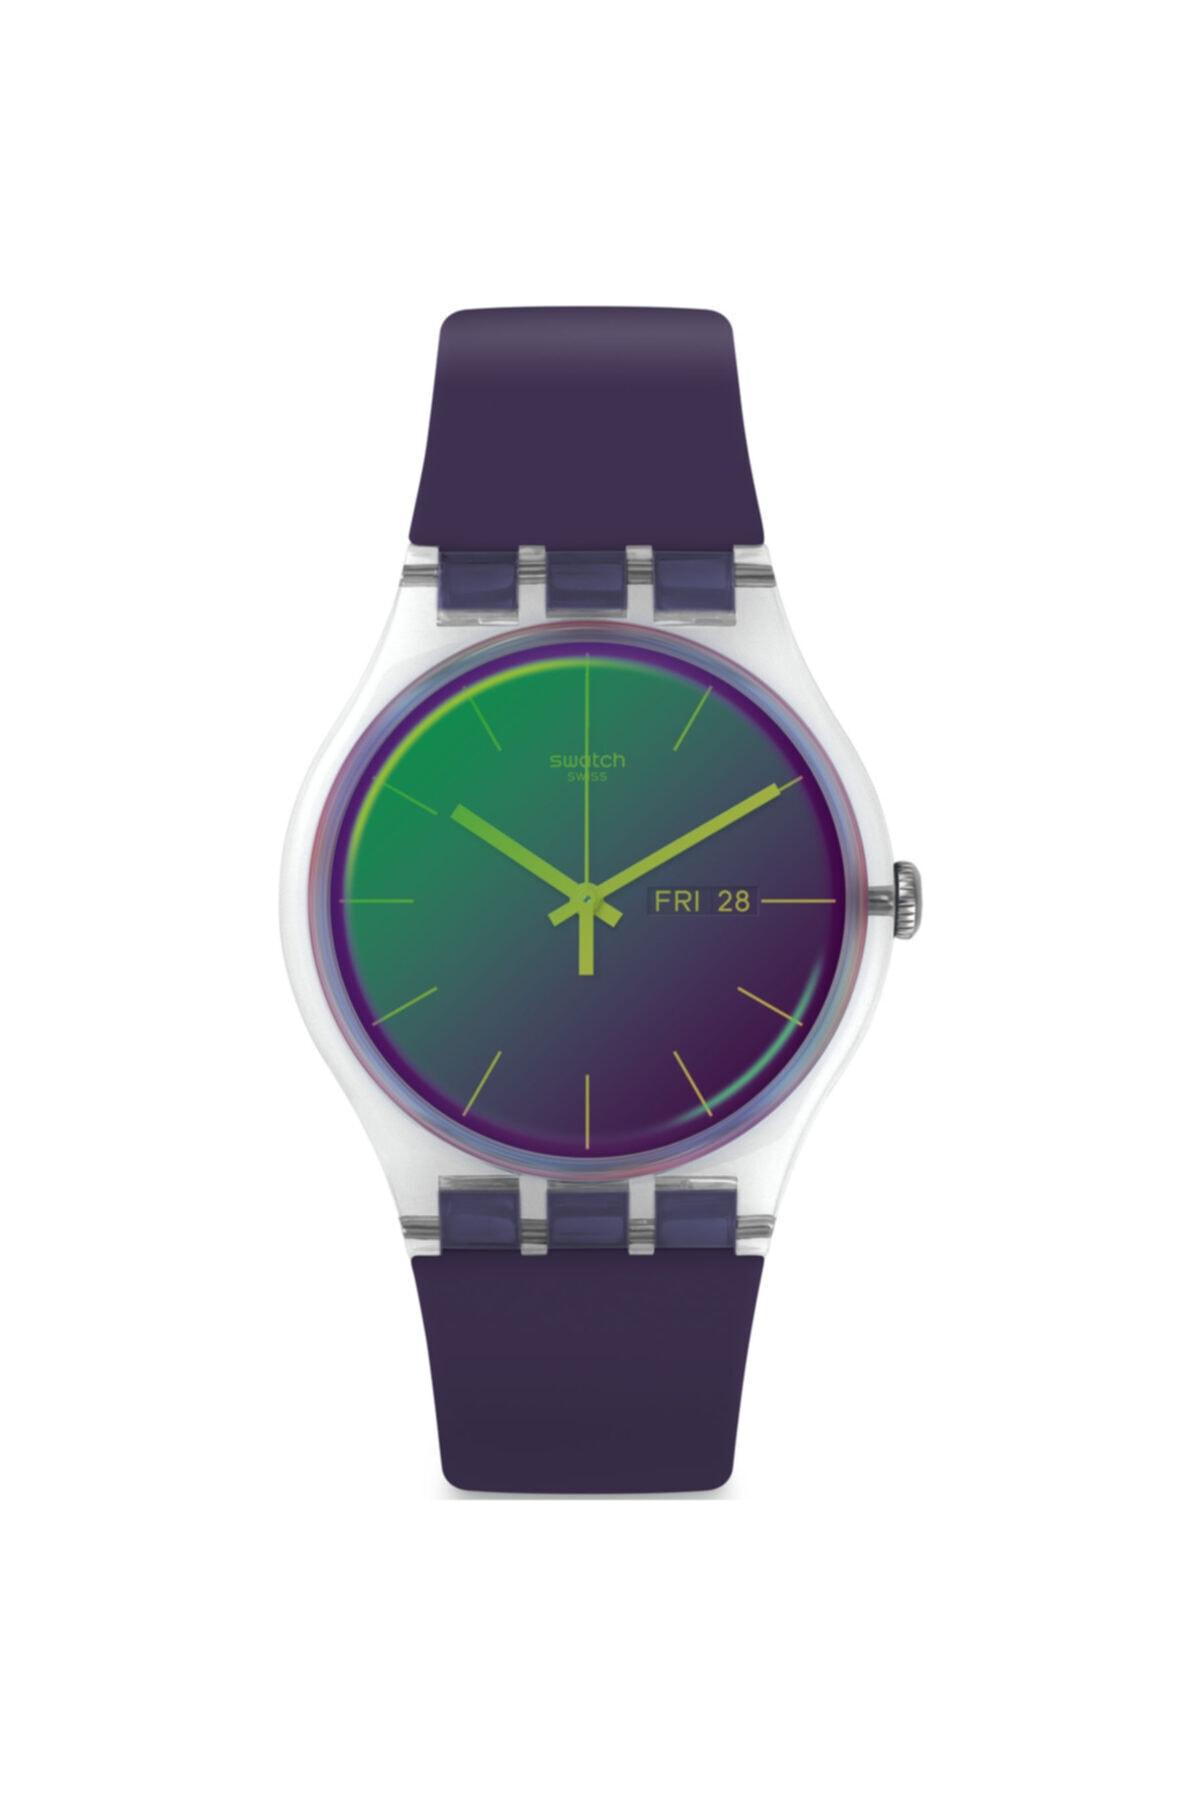 خرید انلاین ساعت زنانه  2021 برند Swatch کد ty4543032